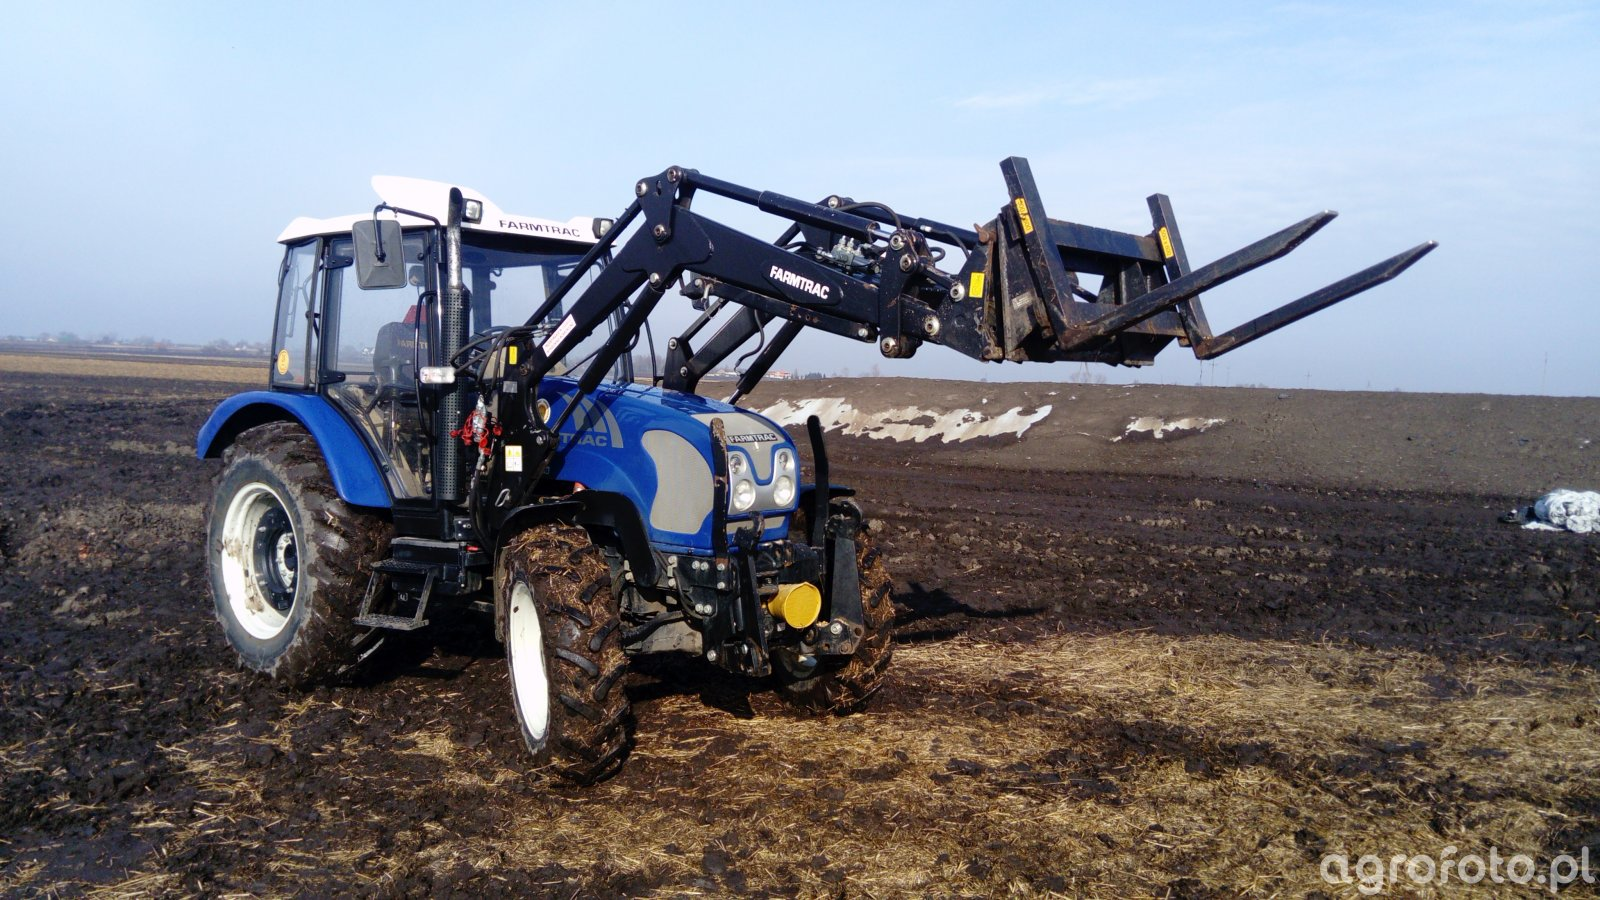 Farmtrac 675dt